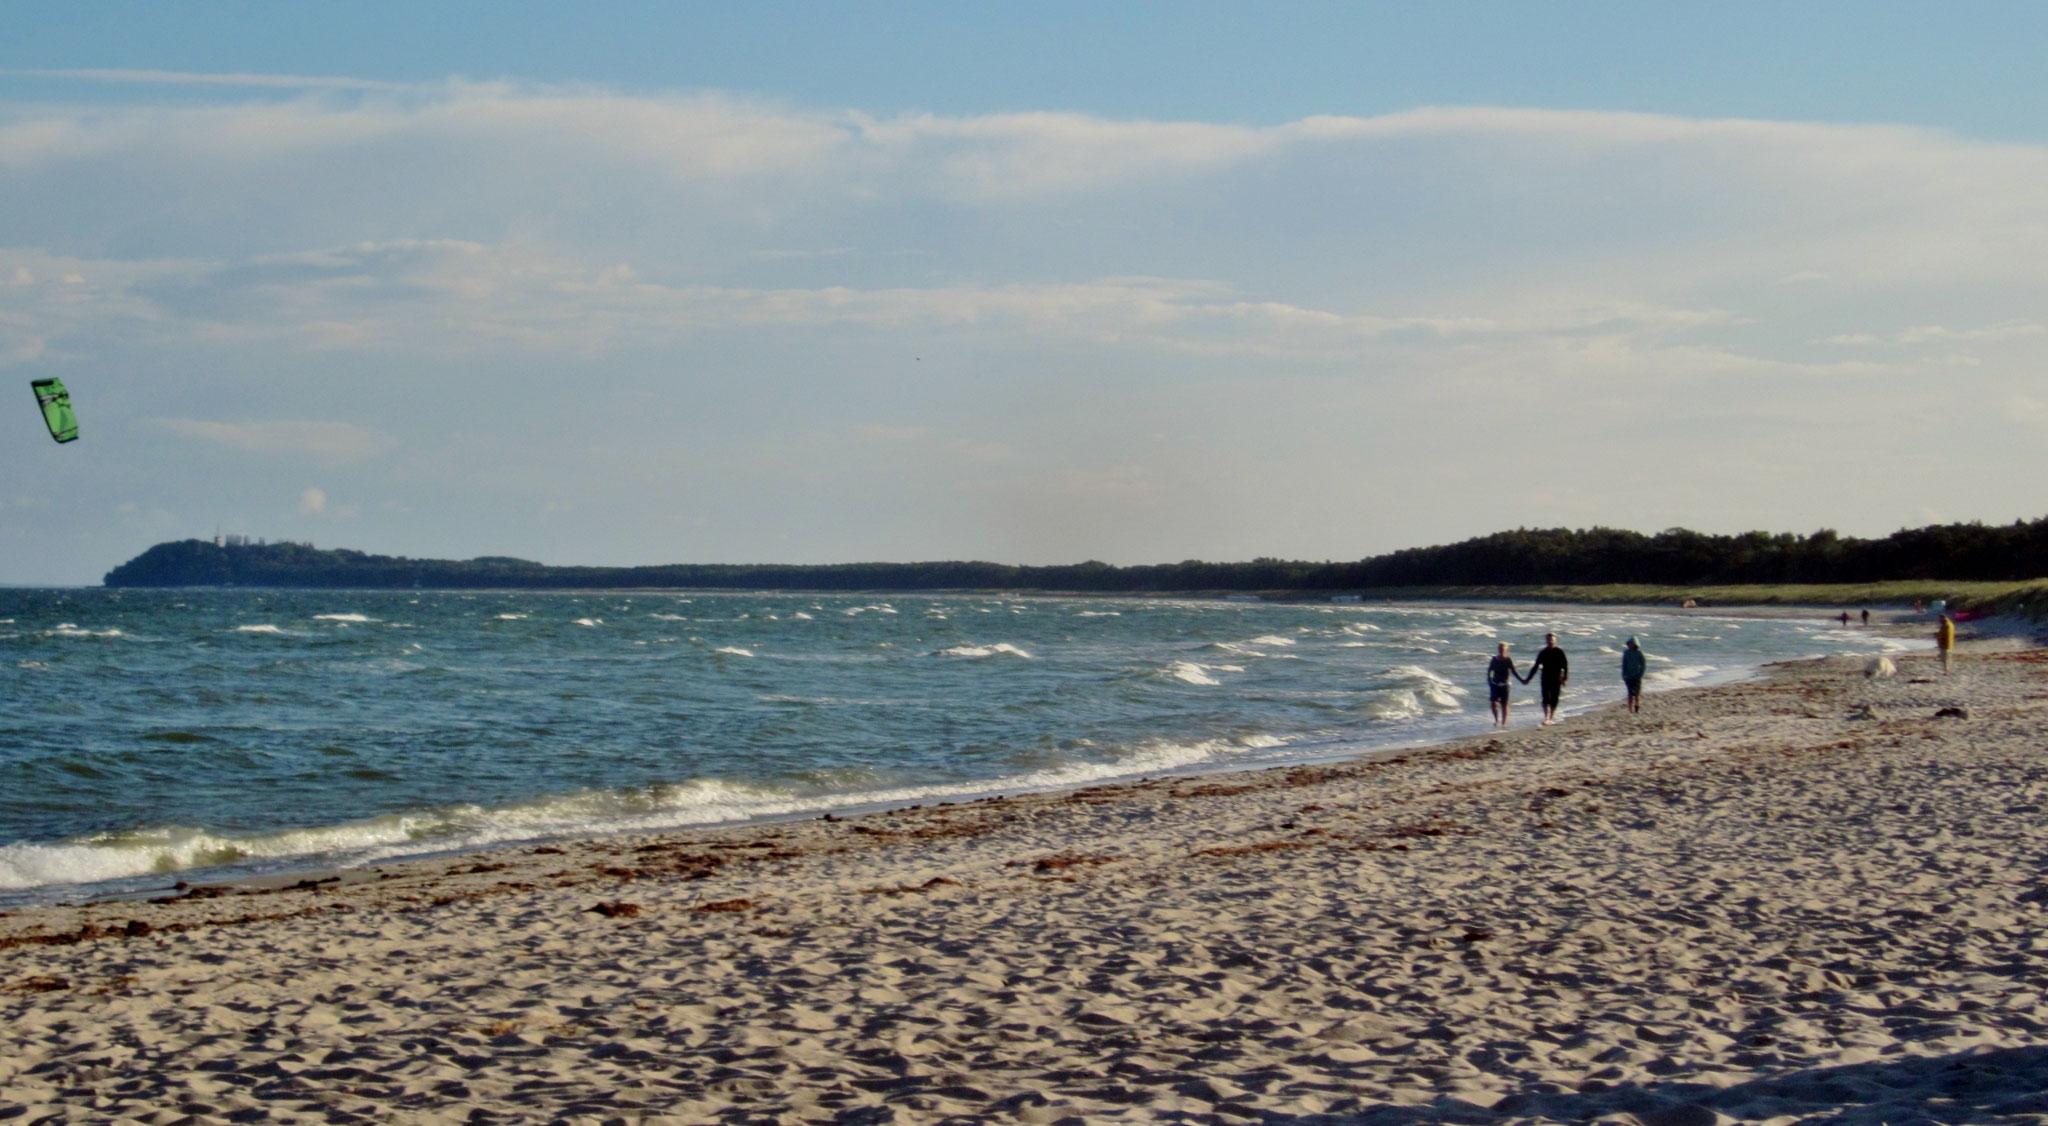 Feinsandig und Breit...Ideal zum Kiten und Surfen